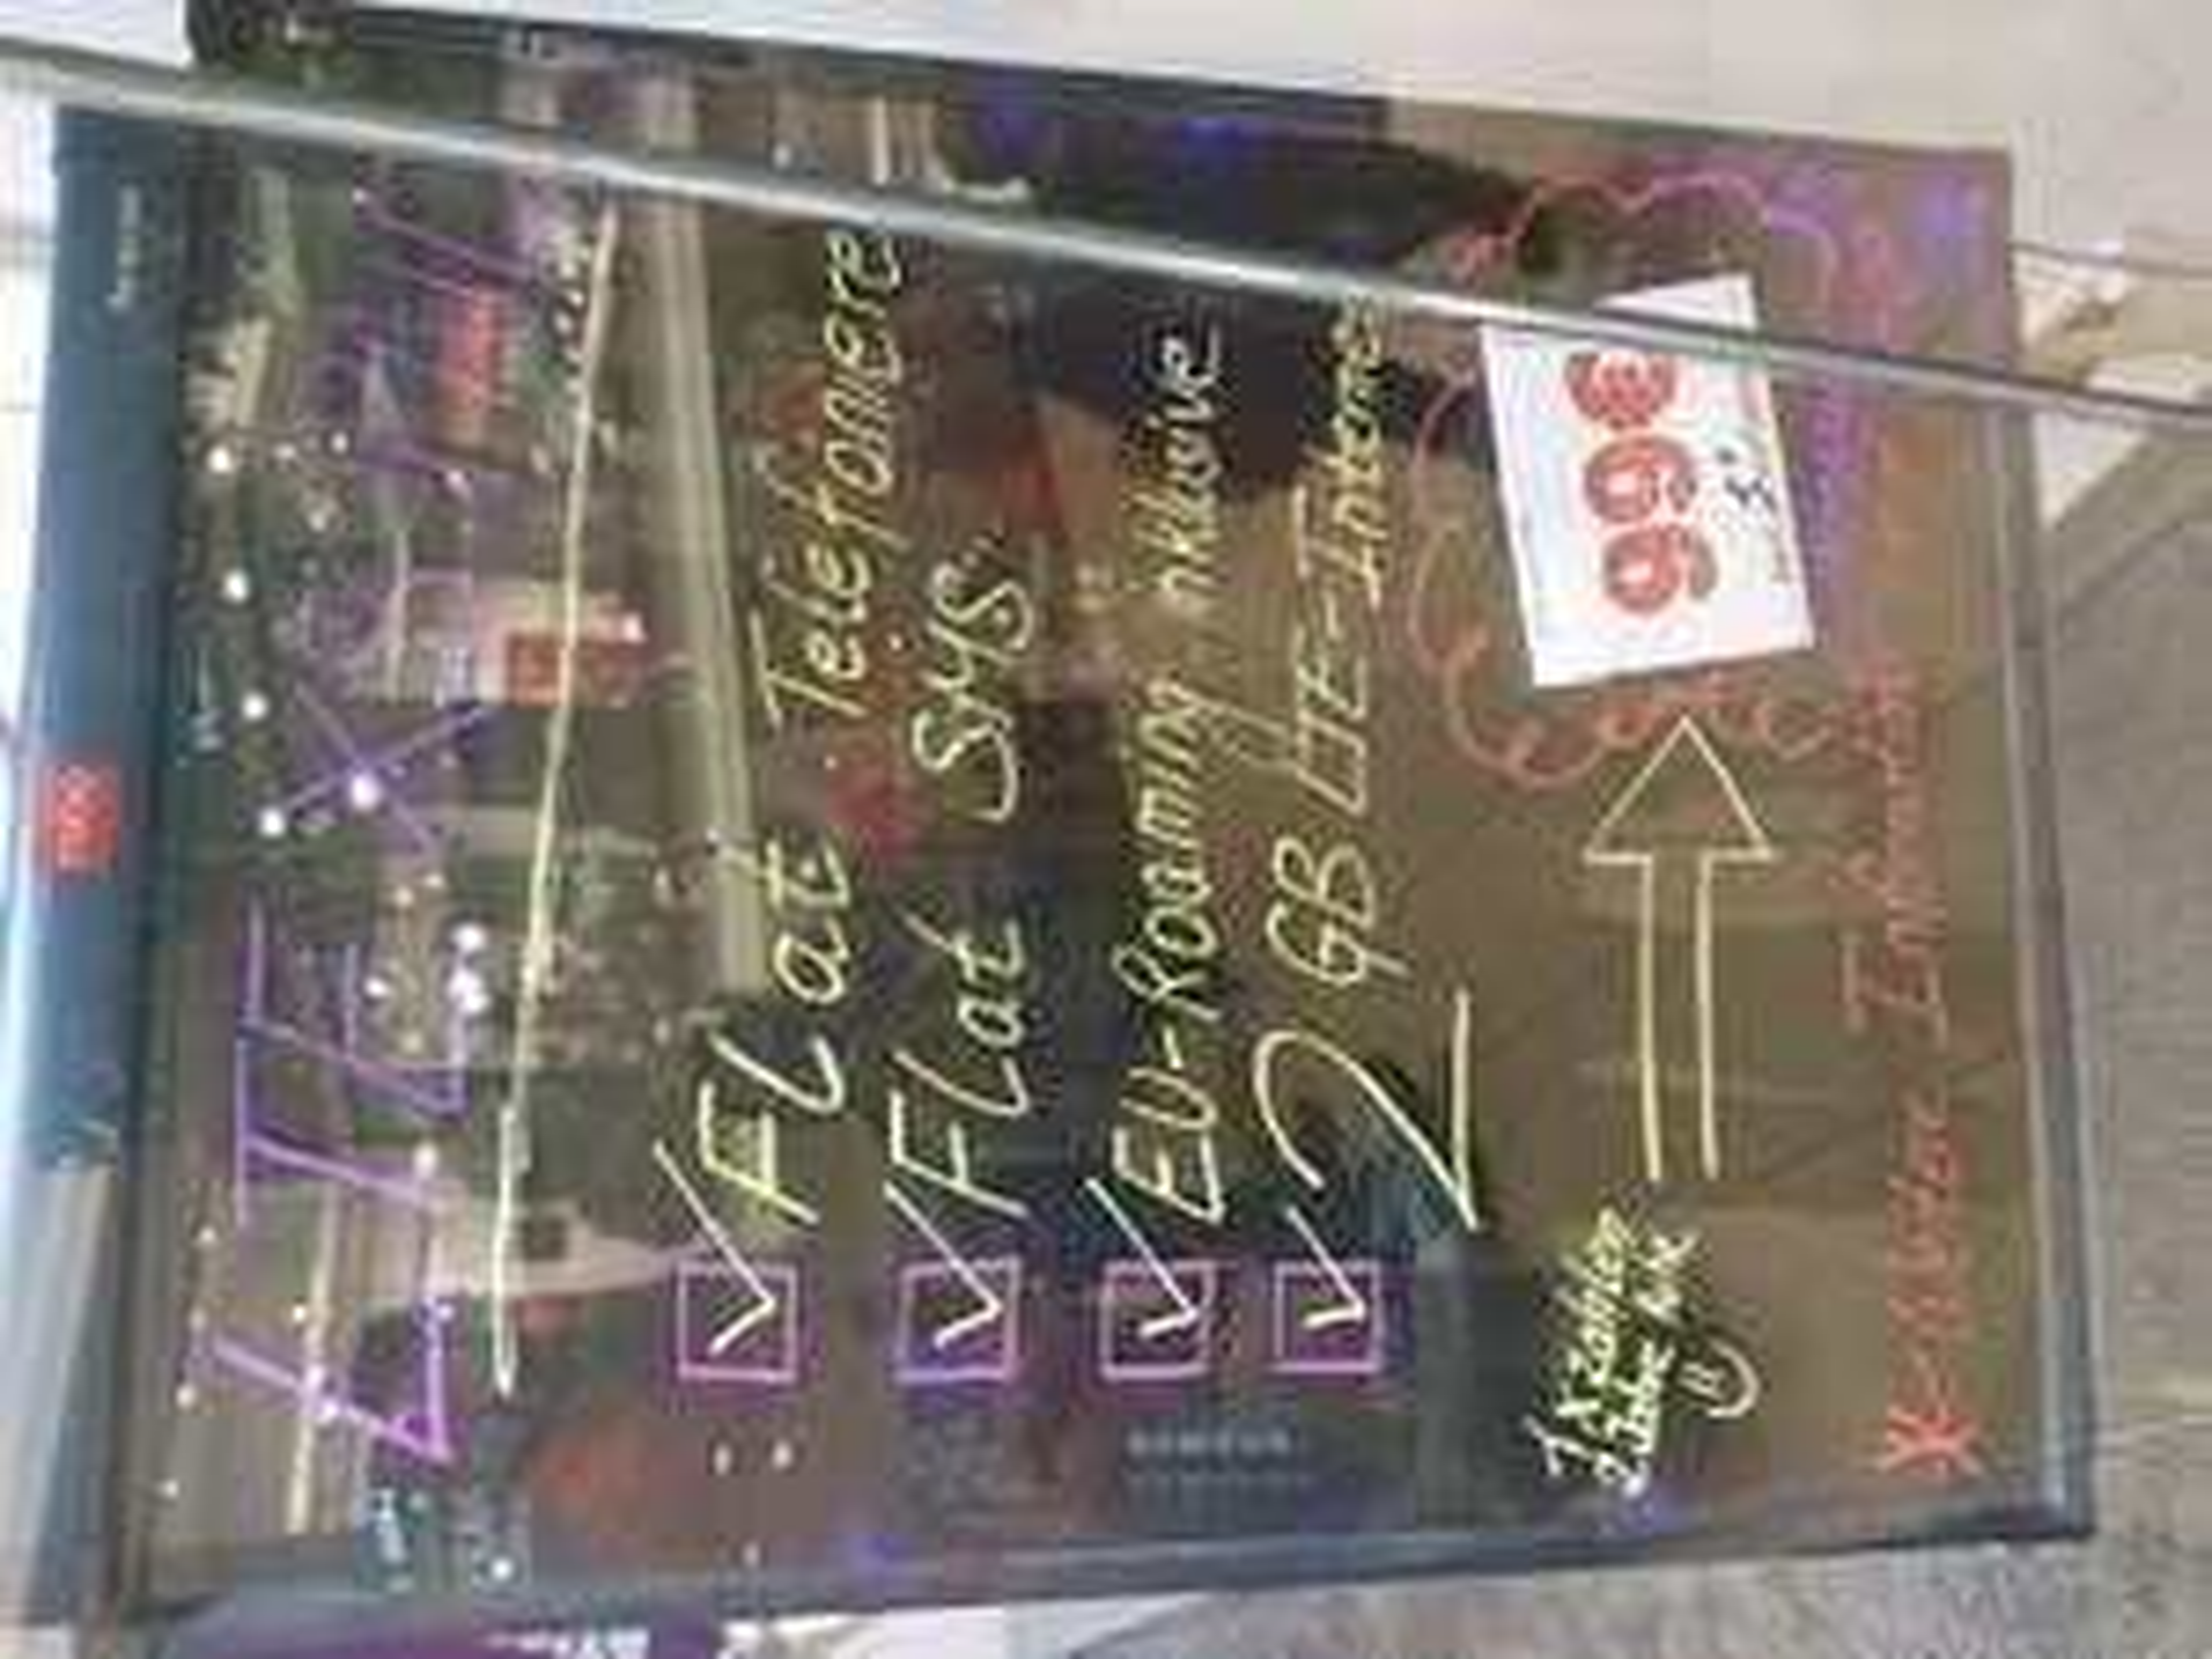 Lokal Essen Limbecker Platz: yourfone 2GB LTE Flat 99€/2 Jahre